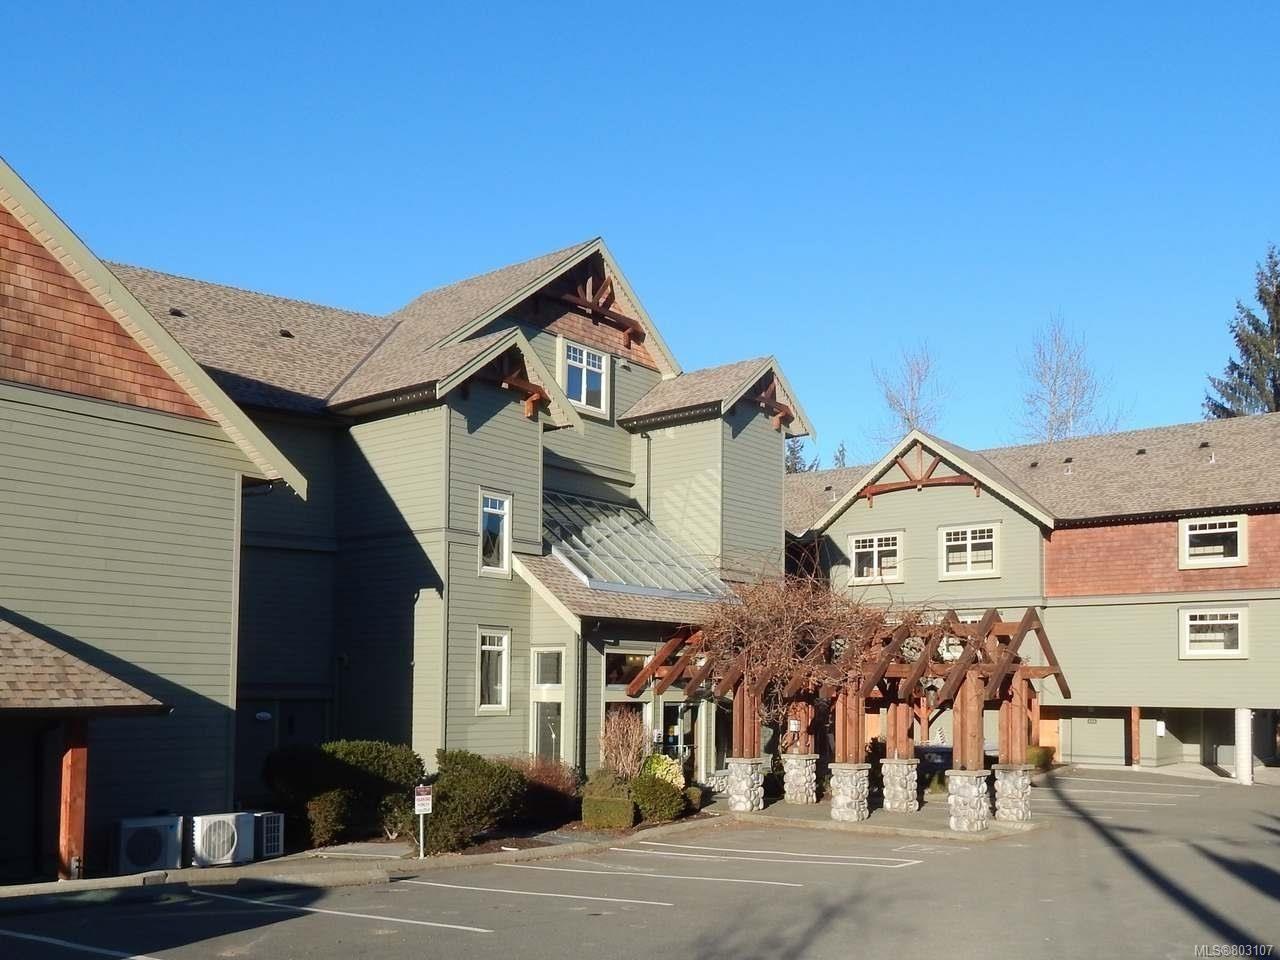 Main Photo: 107C 1800 Riverside Lane in COURTENAY: CV Courtenay City Condo for sale (Comox Valley)  : MLS®# 803107